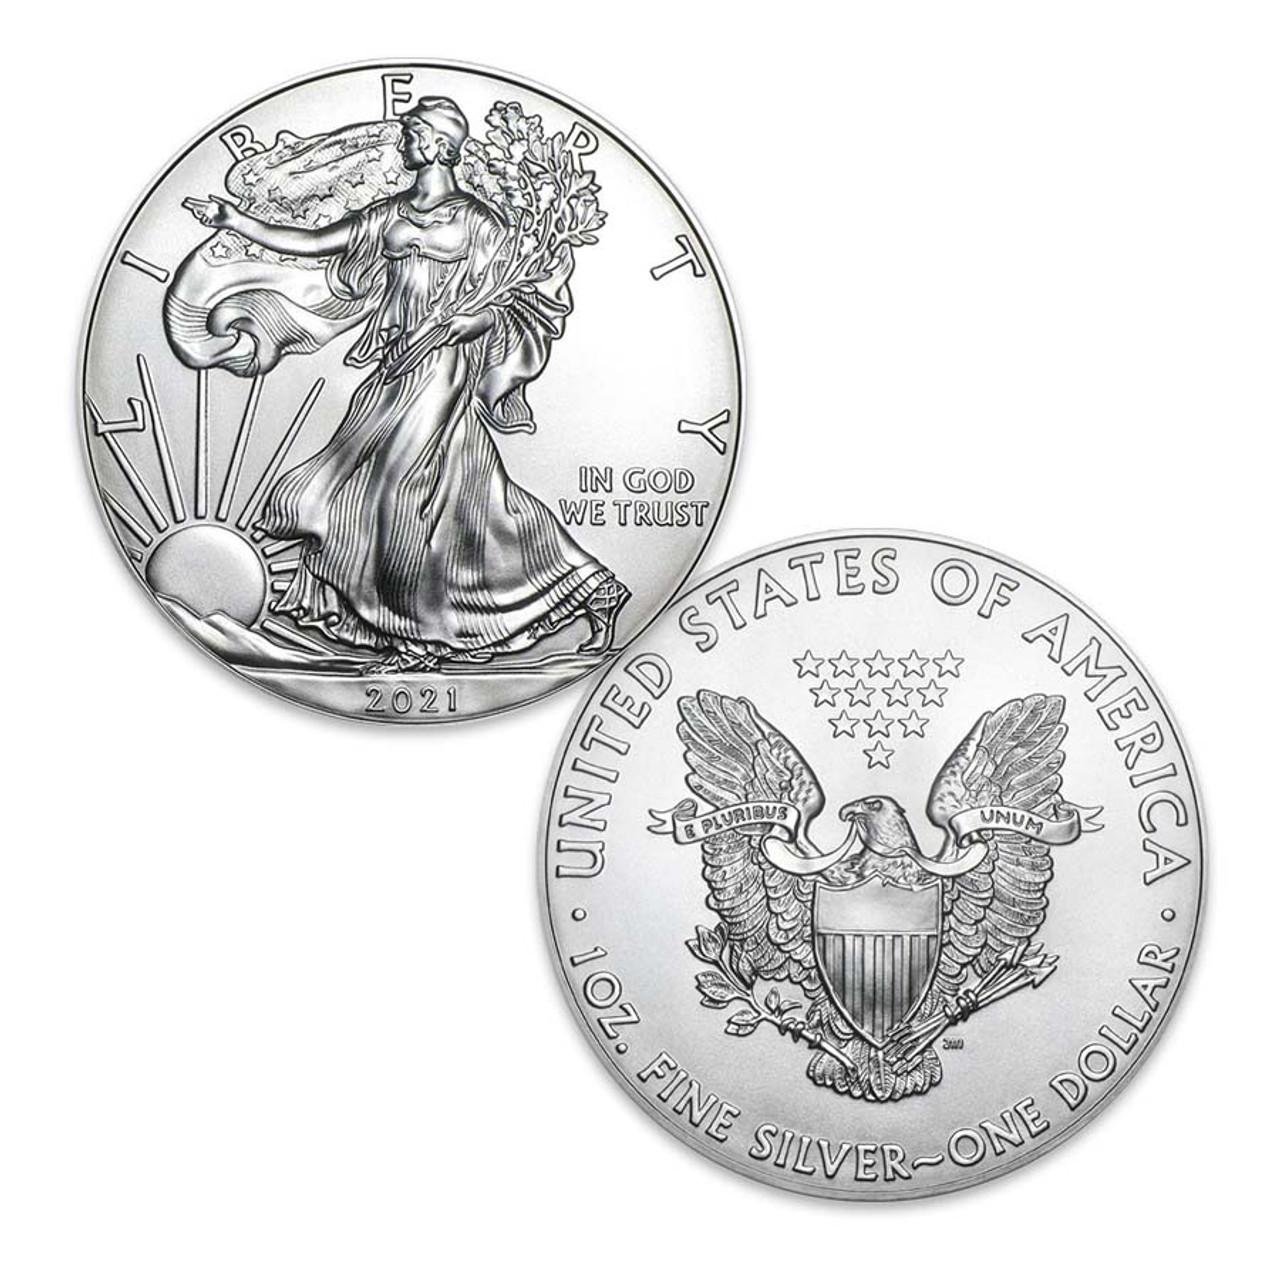 2021 Silver Eagle Brilliant Uncirculated